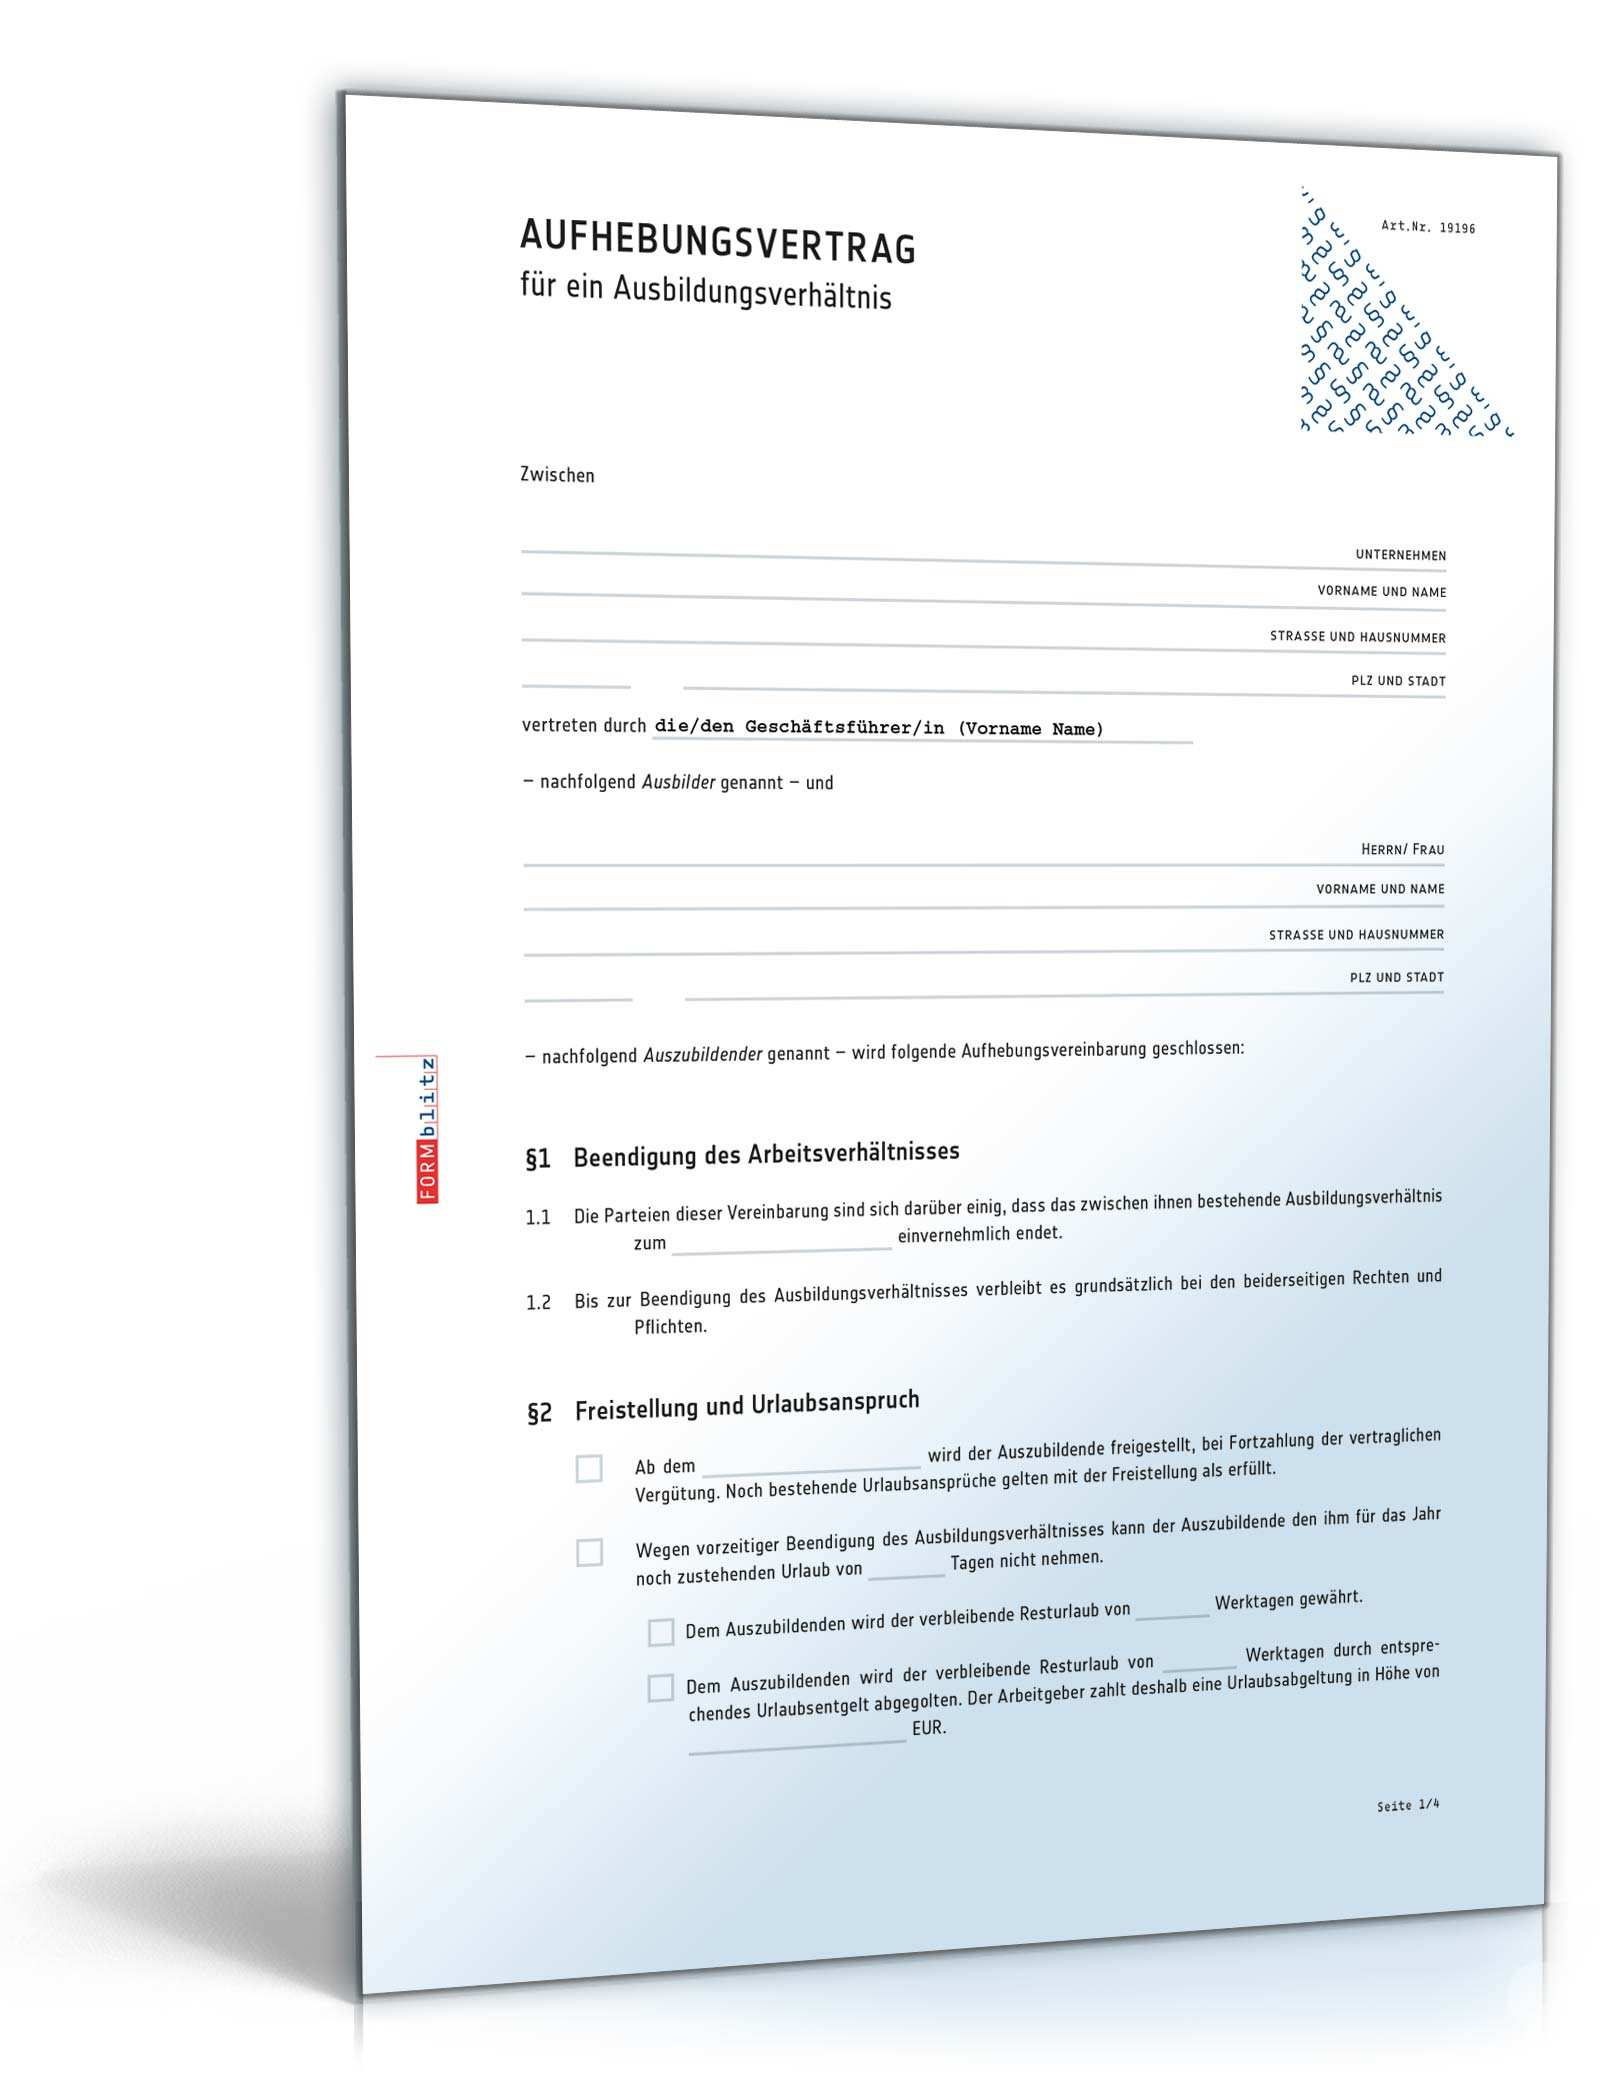 Aufhebungsvertrag Ausbildungsverhaltnis Muster Zum Download